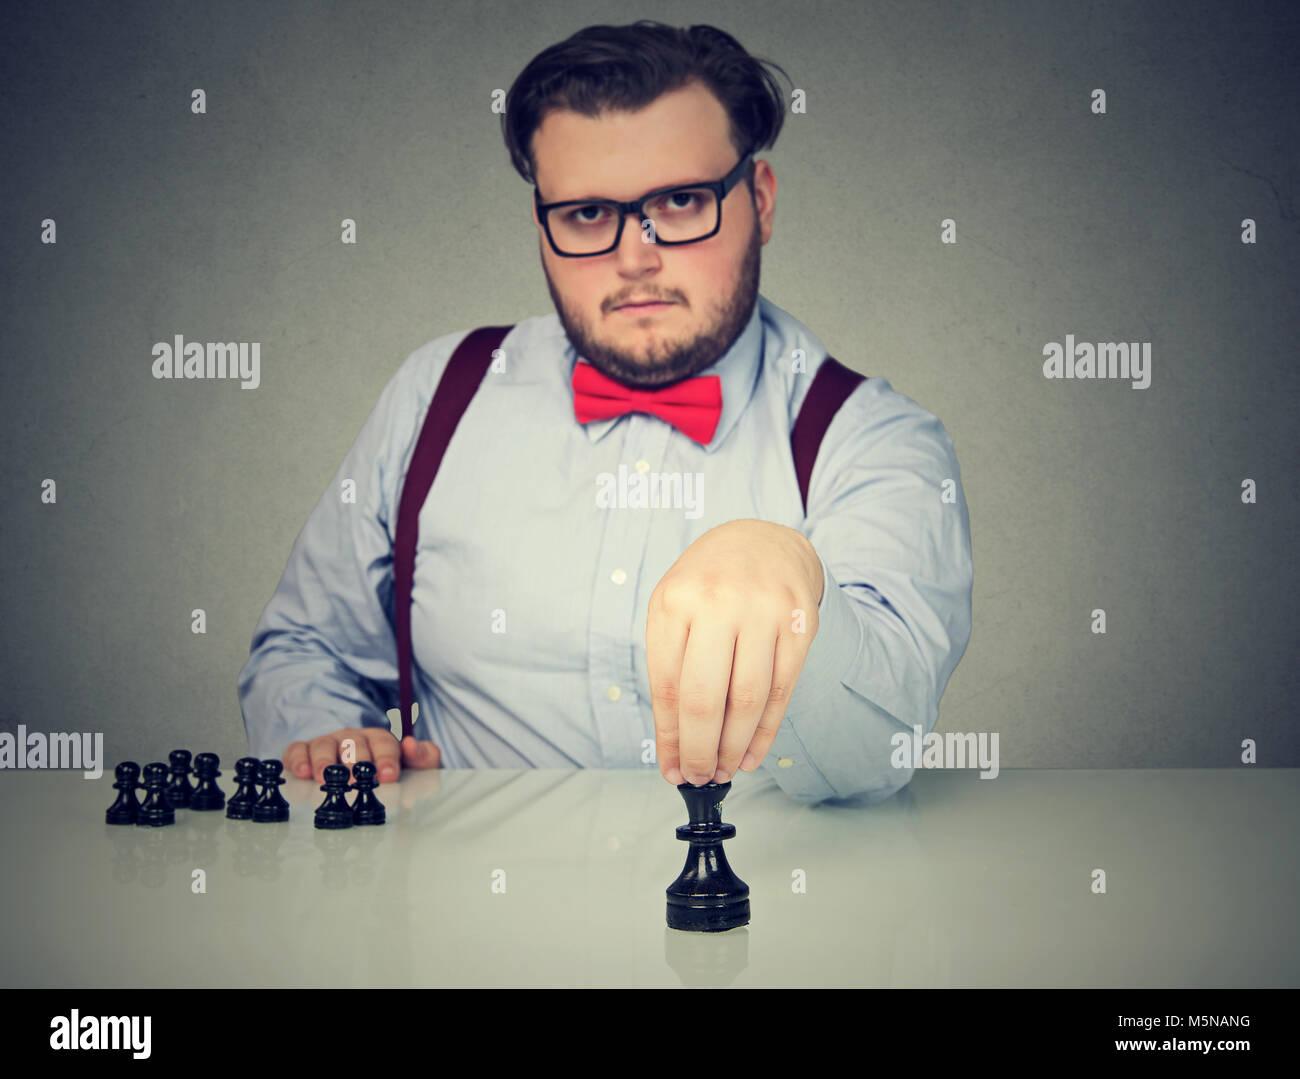 Joven Hombre de negocios serio jugando un juego de ajedrez Imagen De Stock